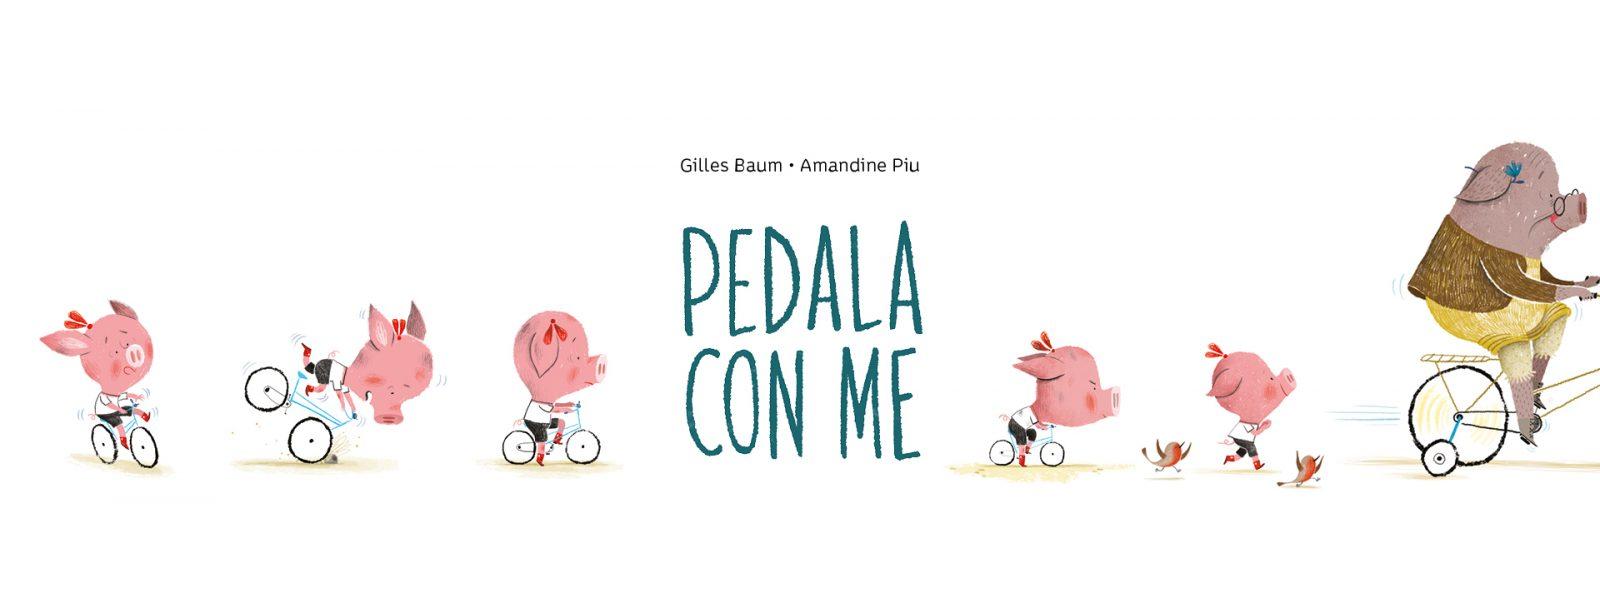 pedala con me